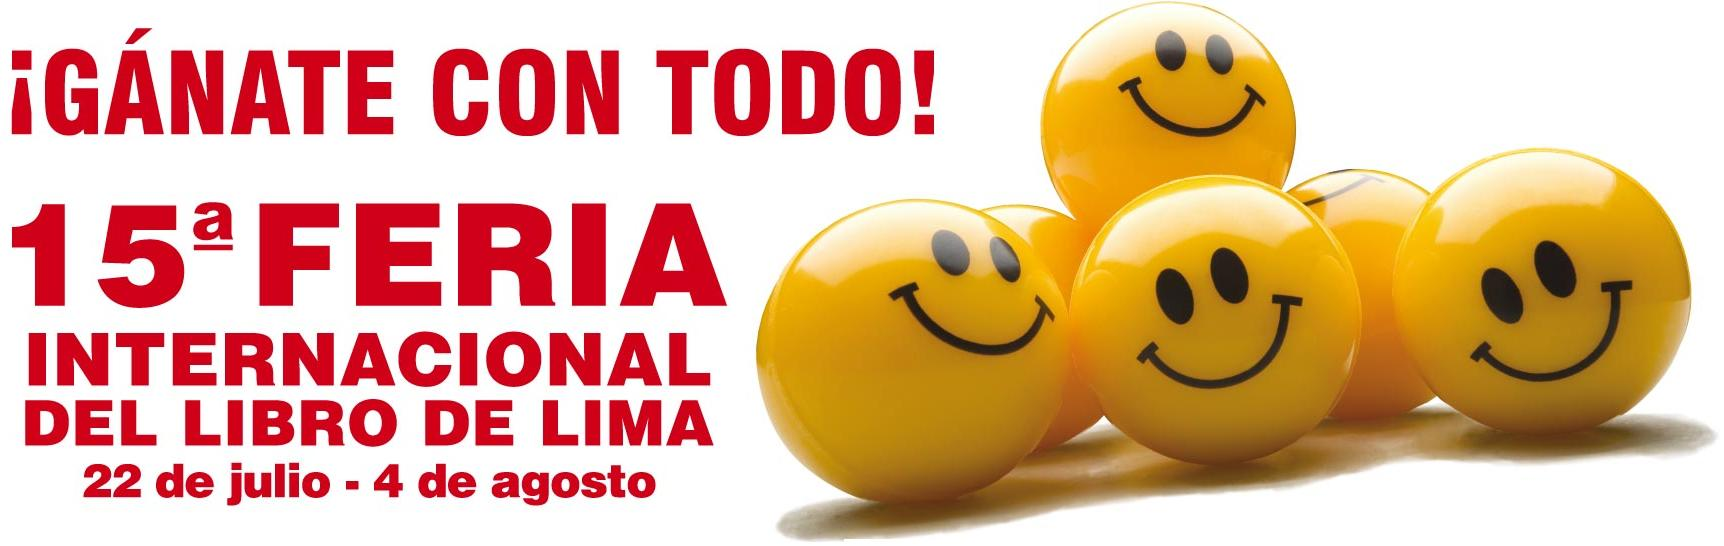 La Feria Internacional del Libro de Lima arranca hoy